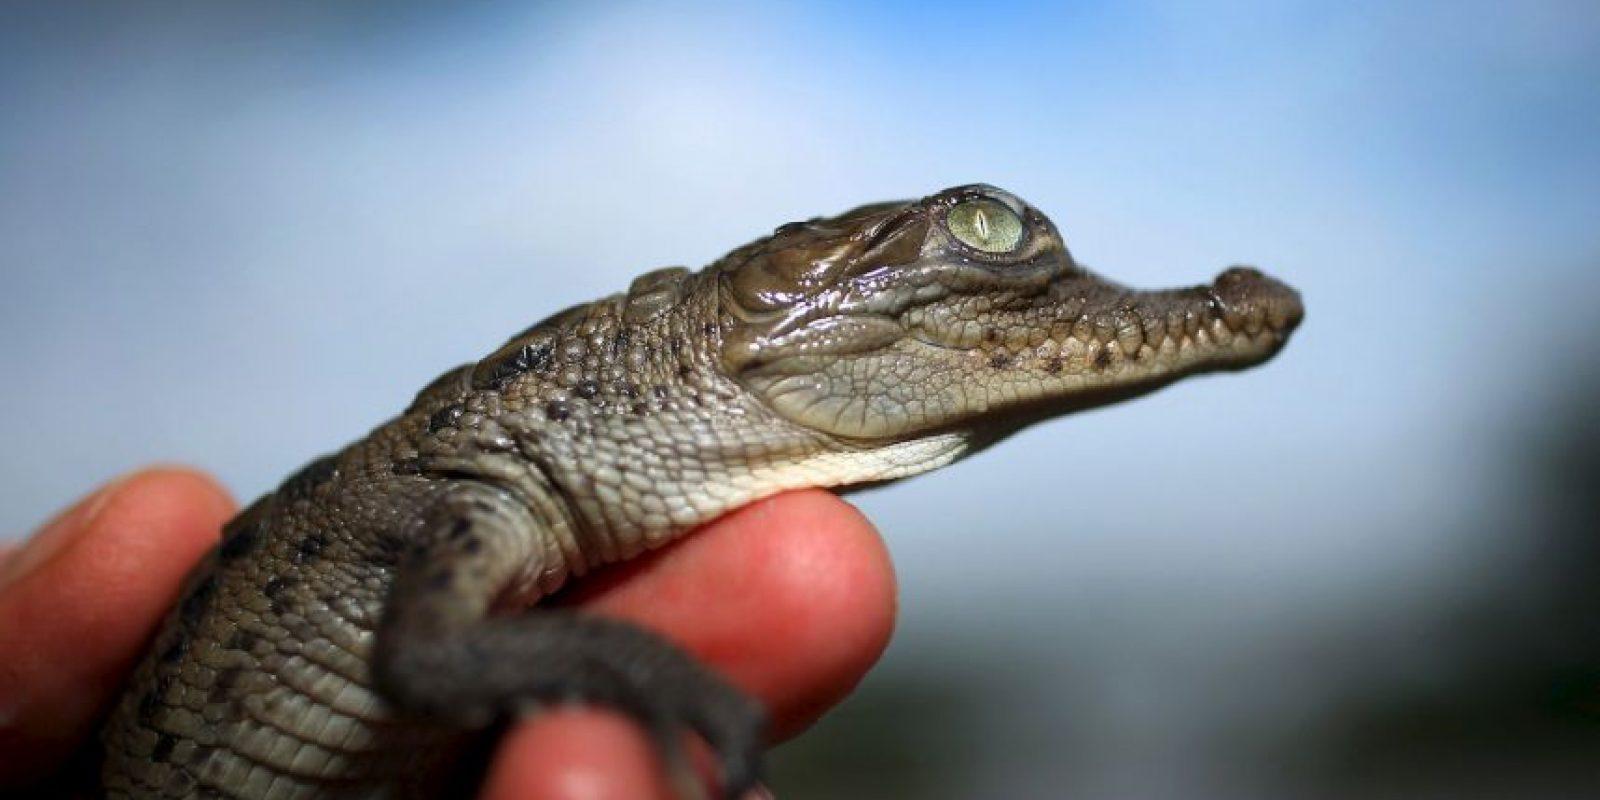 Los cocodrilos tienden a congregarse en hábitats de agua dulce como ríos, lagos, humedales Foto:Getty Images